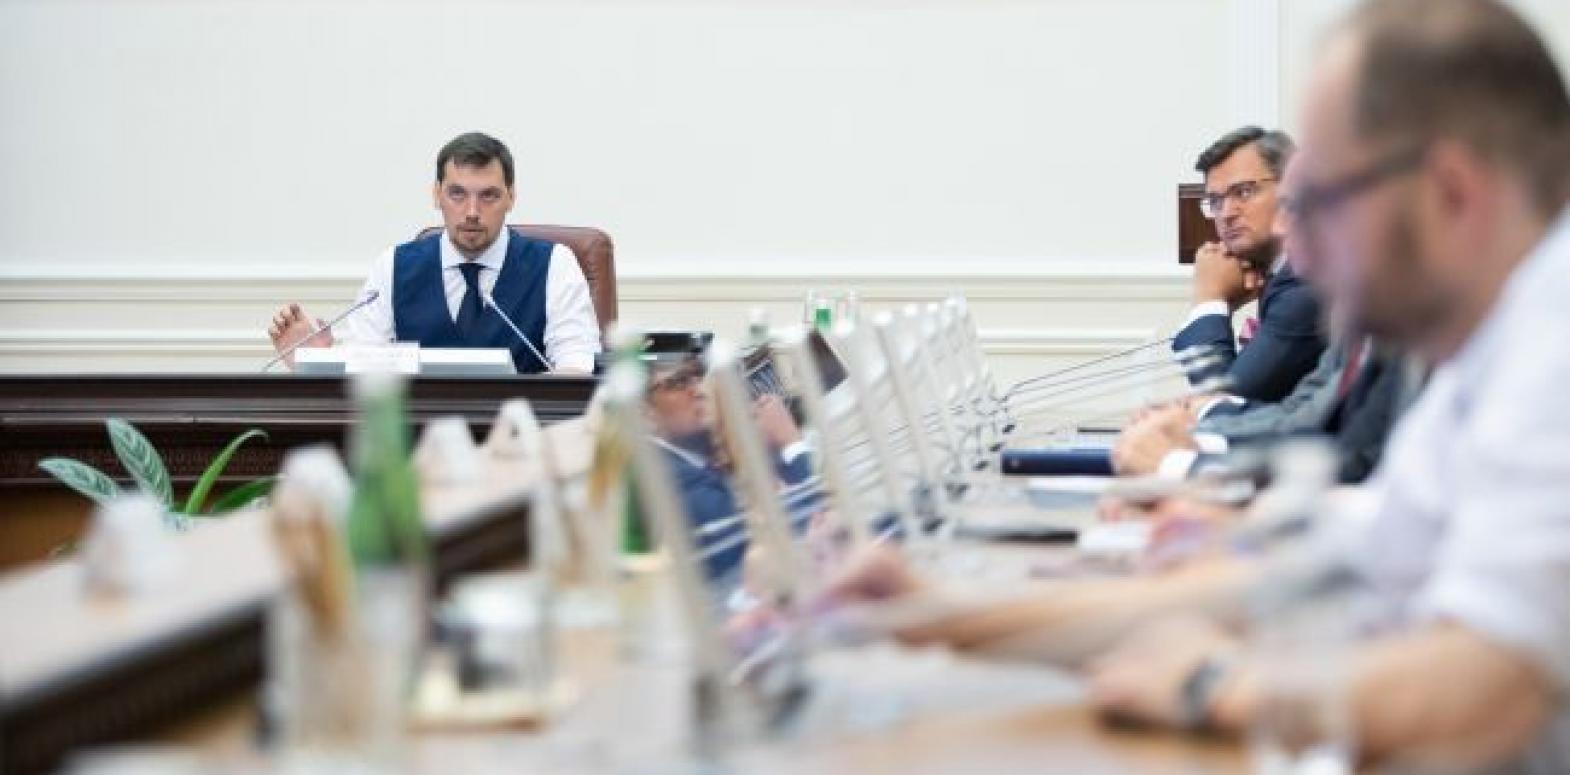 Кабмин утвердил бюджет Фонда соцстрахования на 2020 год